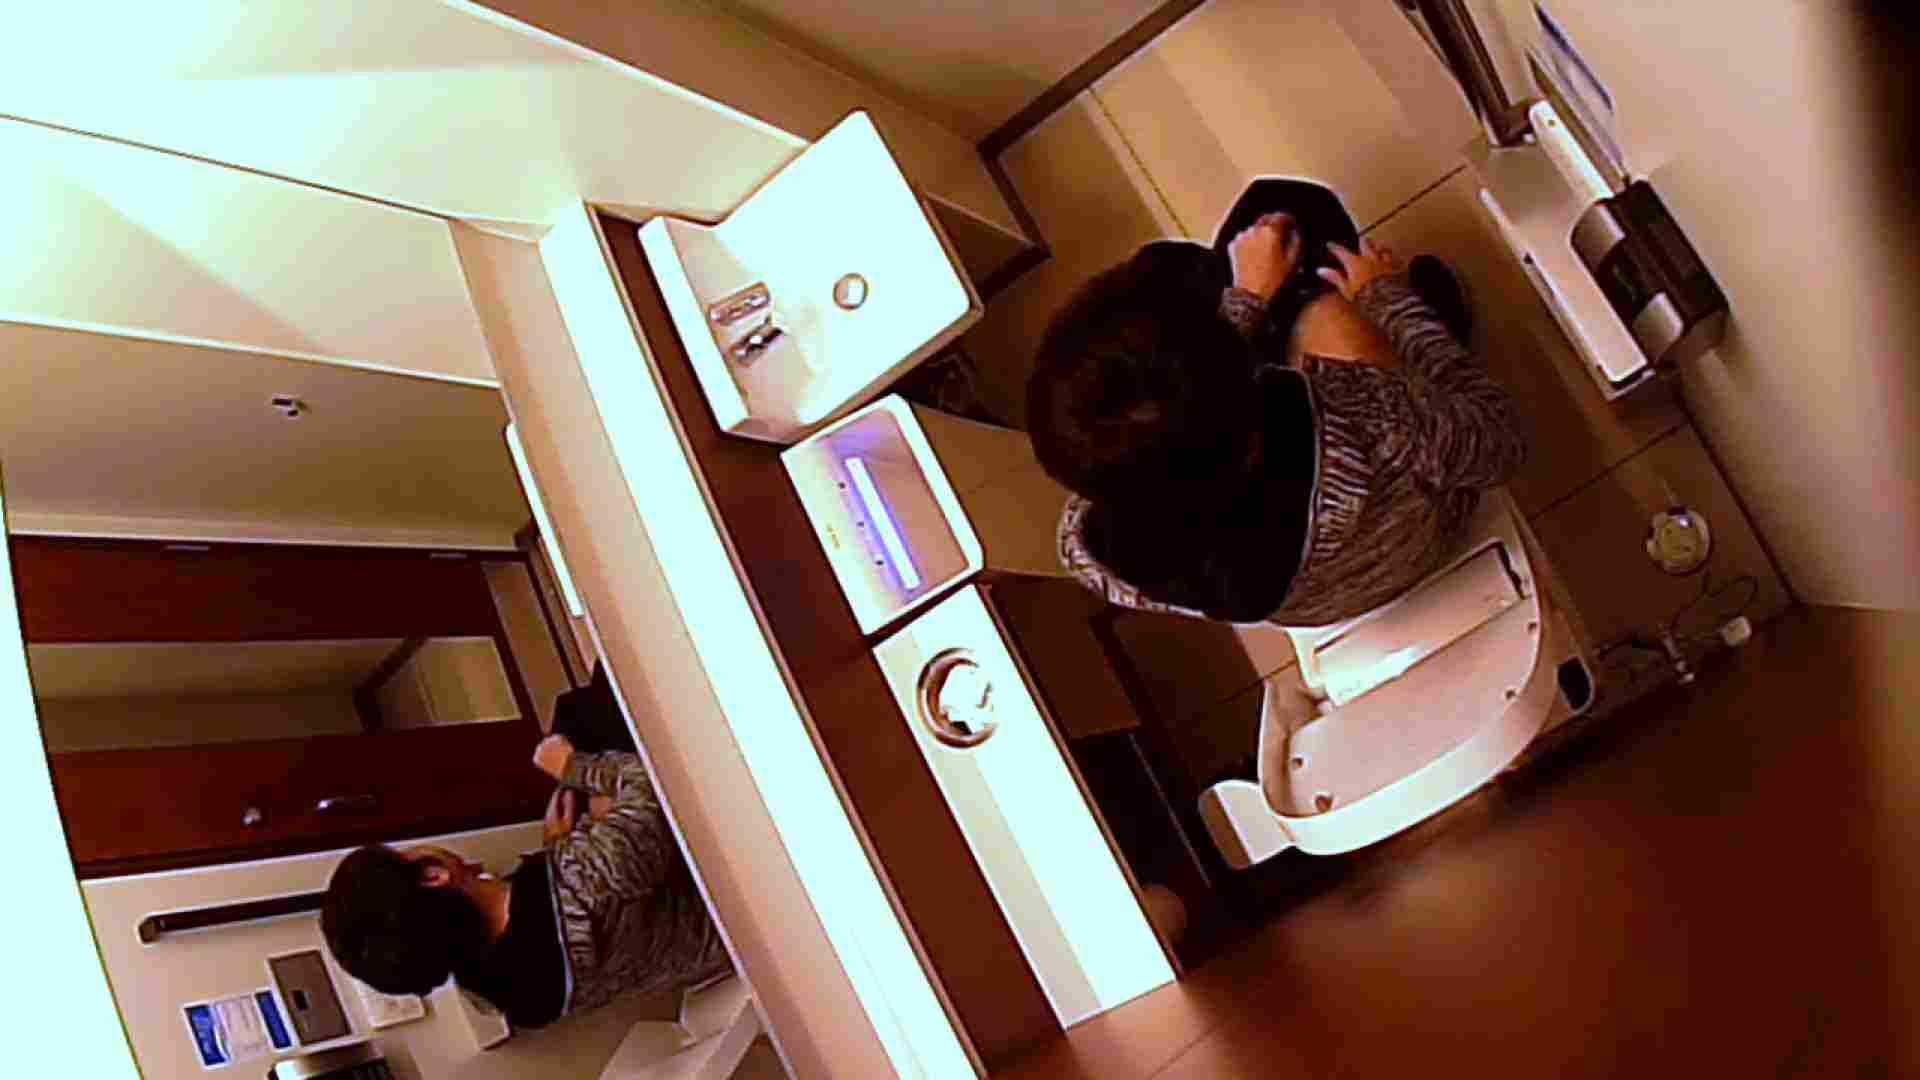 イケメンの素顔in洗面所 Vol.03 丸見え動画 | ボーイズうんこ  107pic 44